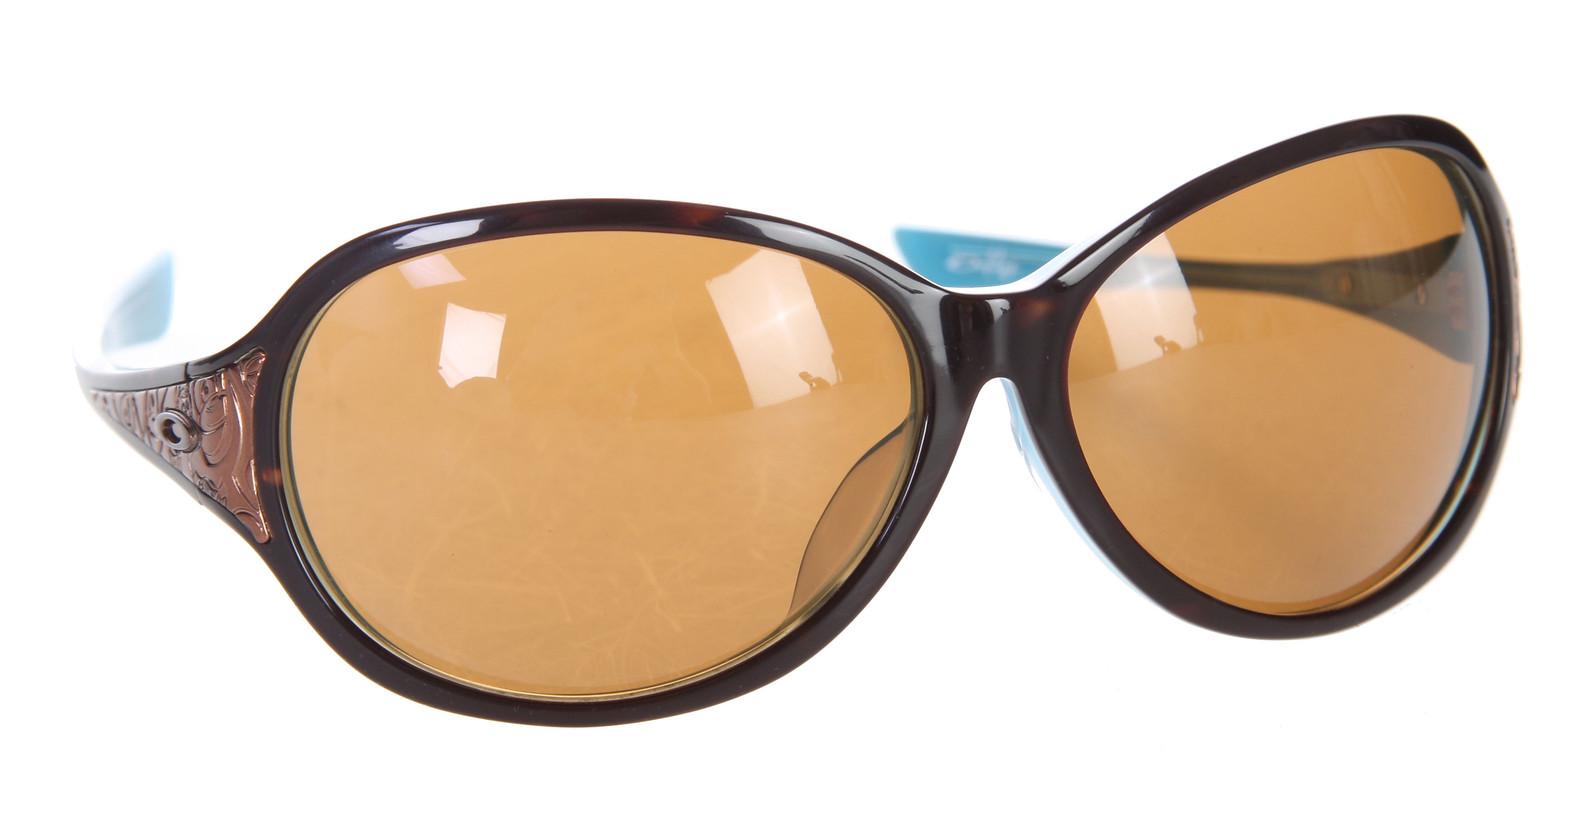 Oakley Belong Sunglasses Tortoise Blue/Bronze Lens  oakley-belong-sngls-wmns-tortblubrnz-09.jpg